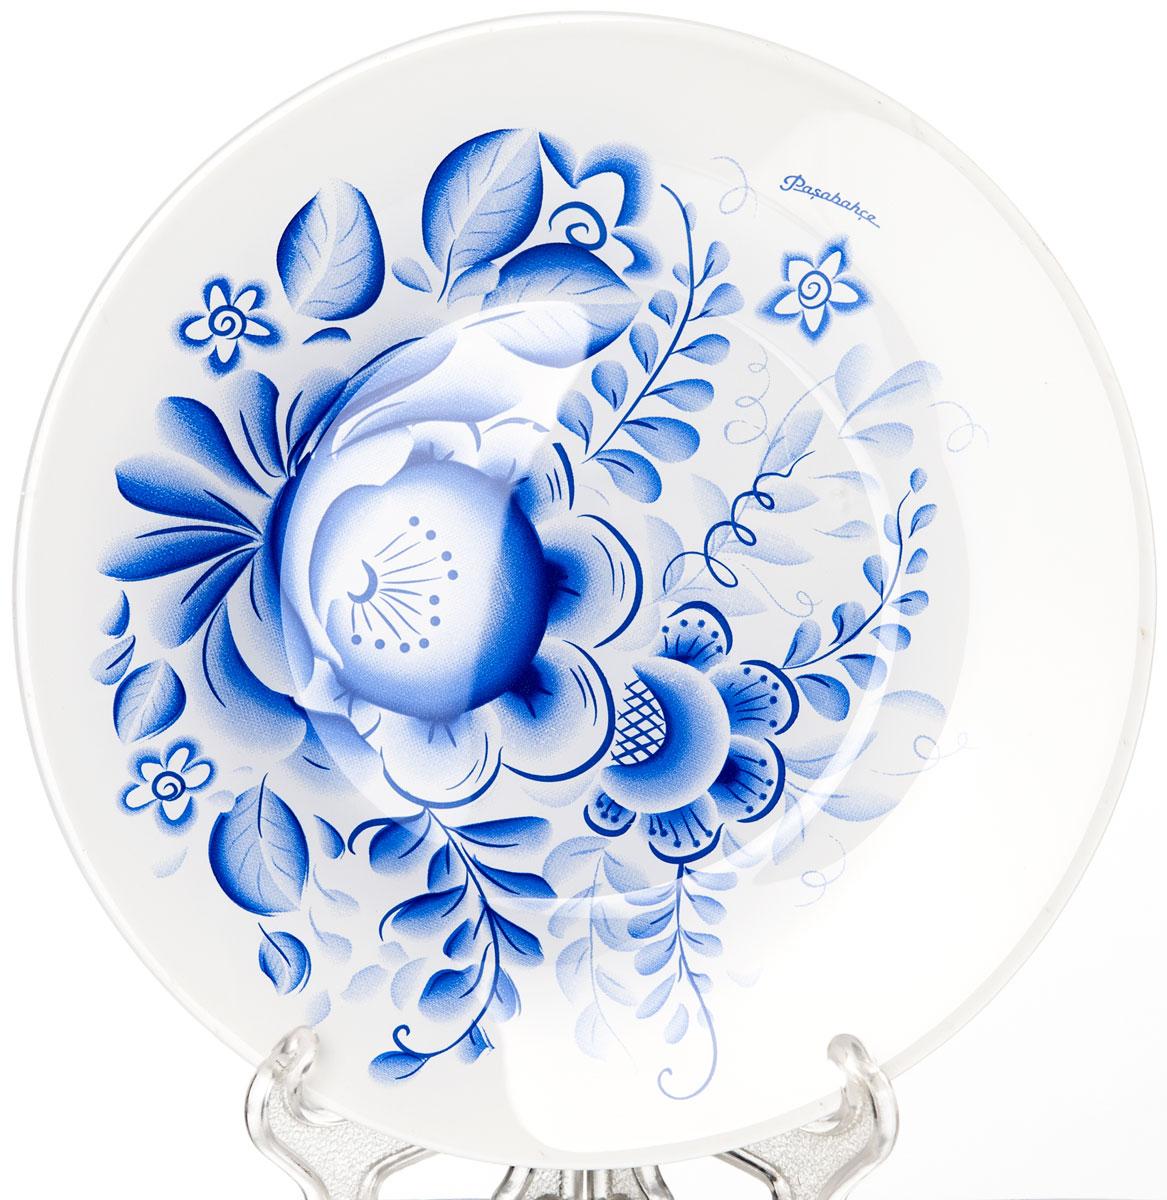 Тарелка Pasabahce Гжель, диаметр 19,5 см10327SLBD33Тарелка Pasabahce Гжель выполнена из качественного упрочненного стекла и украшена рисунком гжель. Тарелка прекрасно подойдет в качестве сервировочного блюда. Изящная тарелка прекрасно оформит праздничный стол и порадует вас и ваших гостей изысканным дизайном и формой.Диаметр тарелки: 19,5 см.